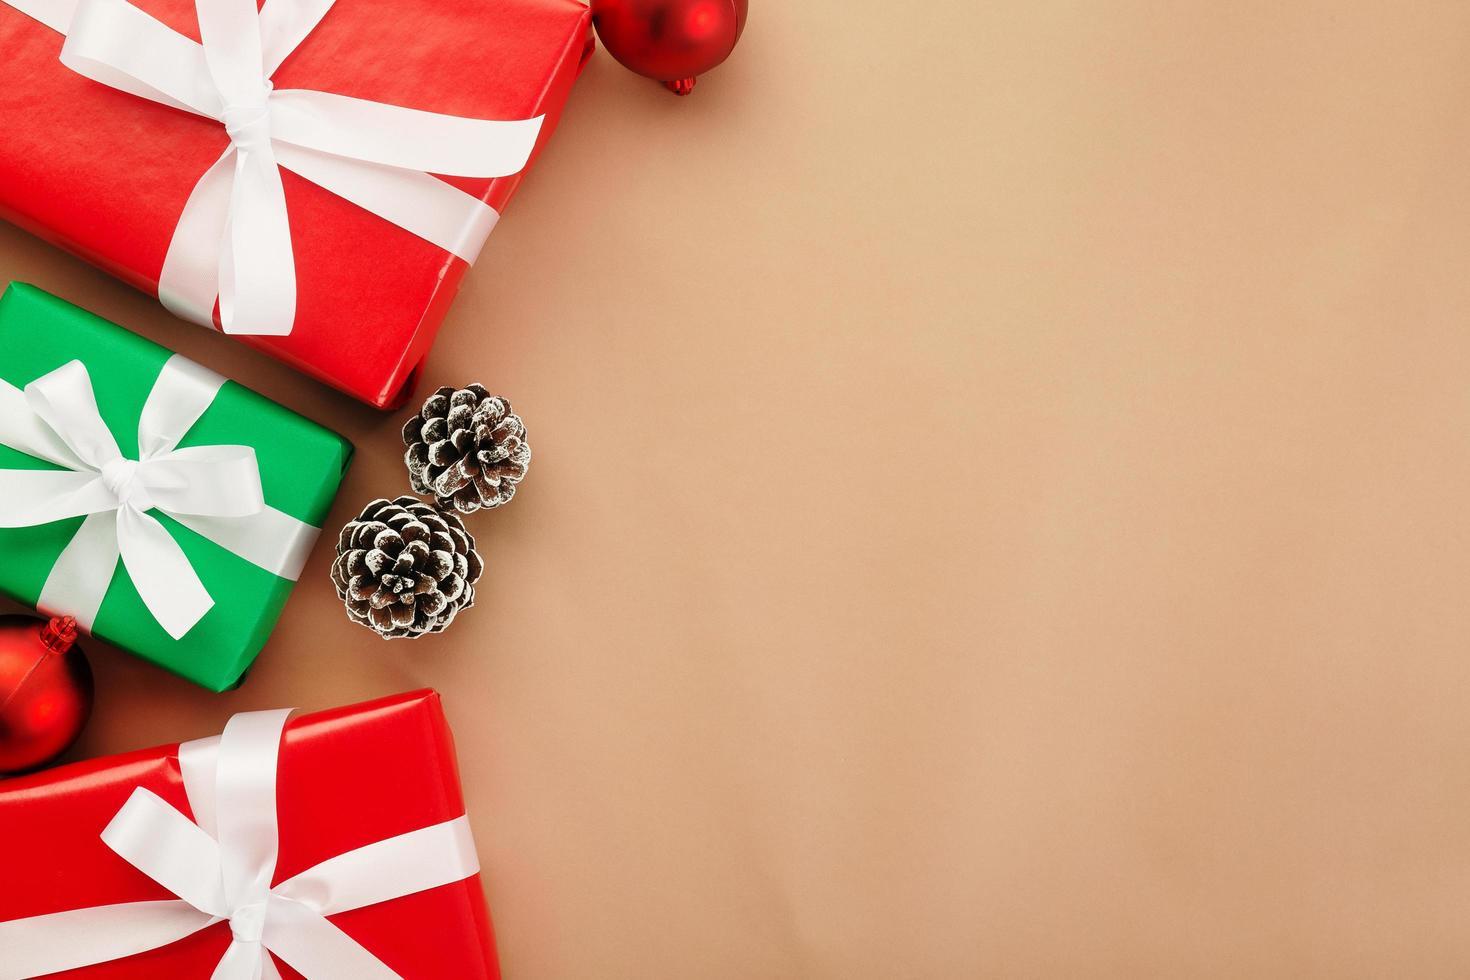 natal e ano novo com caixas de presente foto